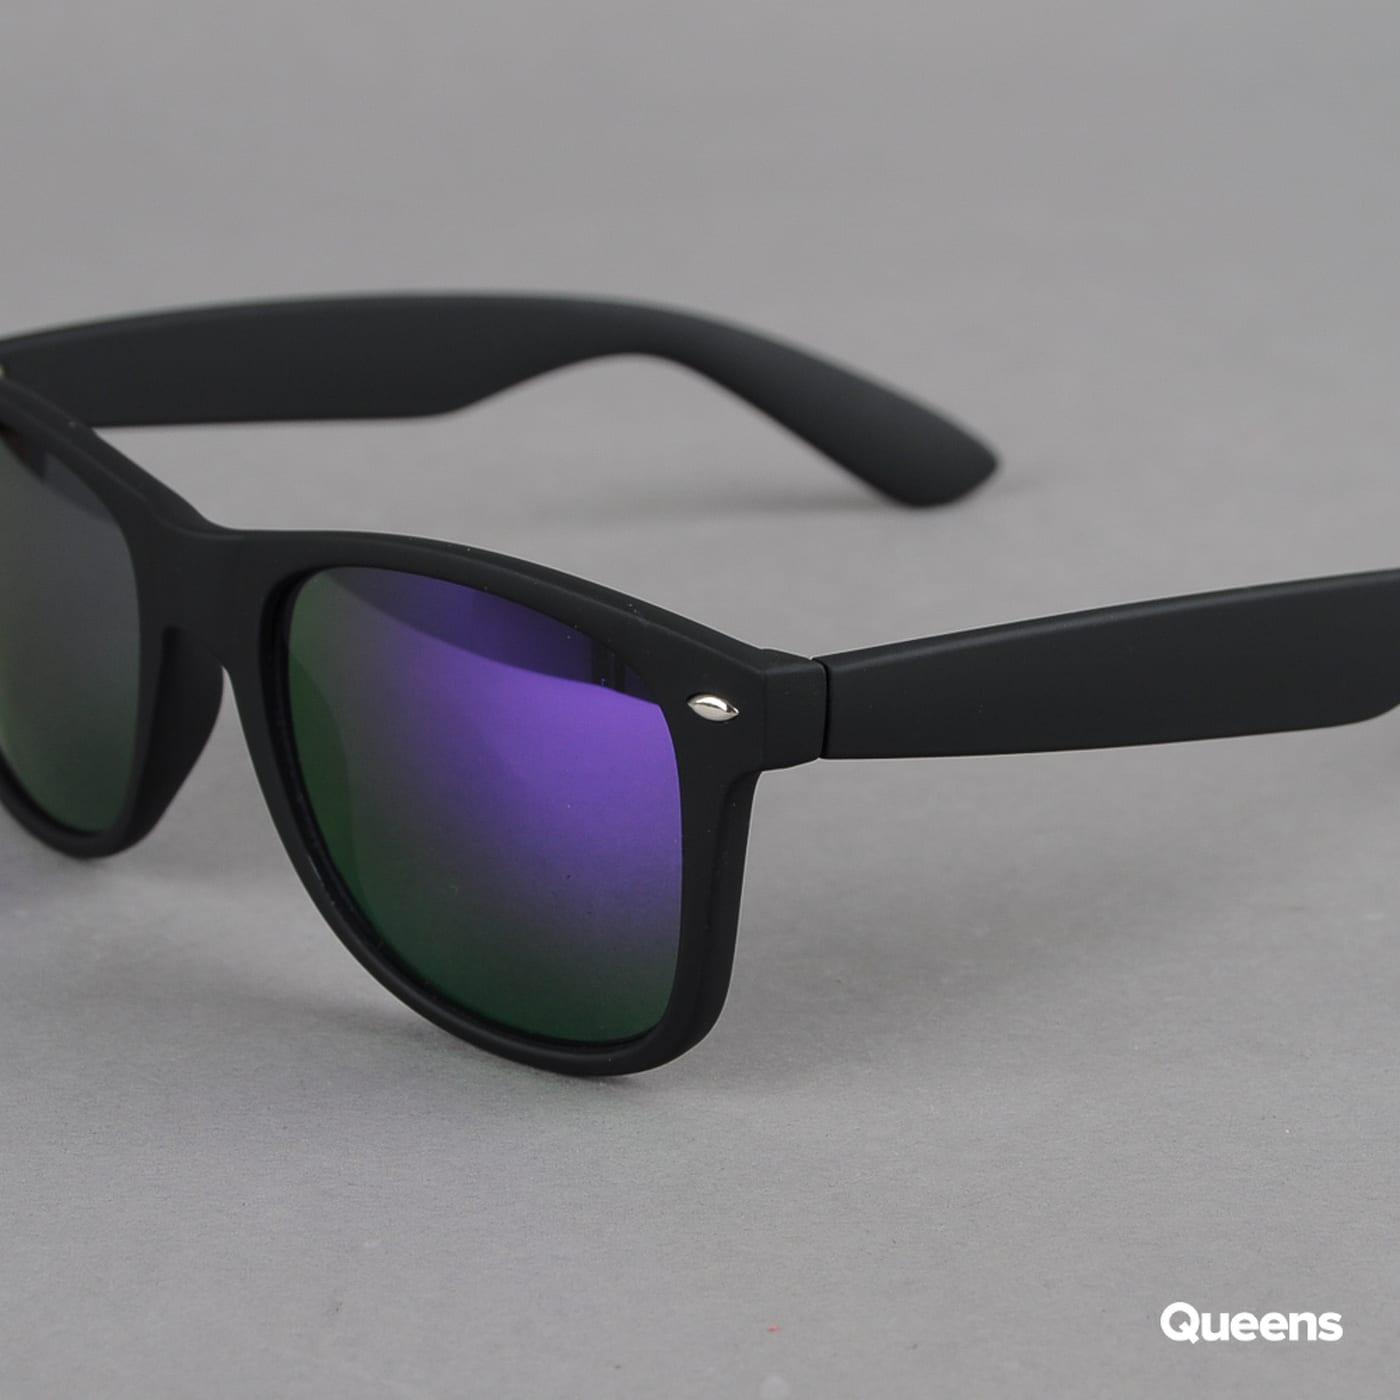 MD Sunglasses Likoma Mirror black / purple